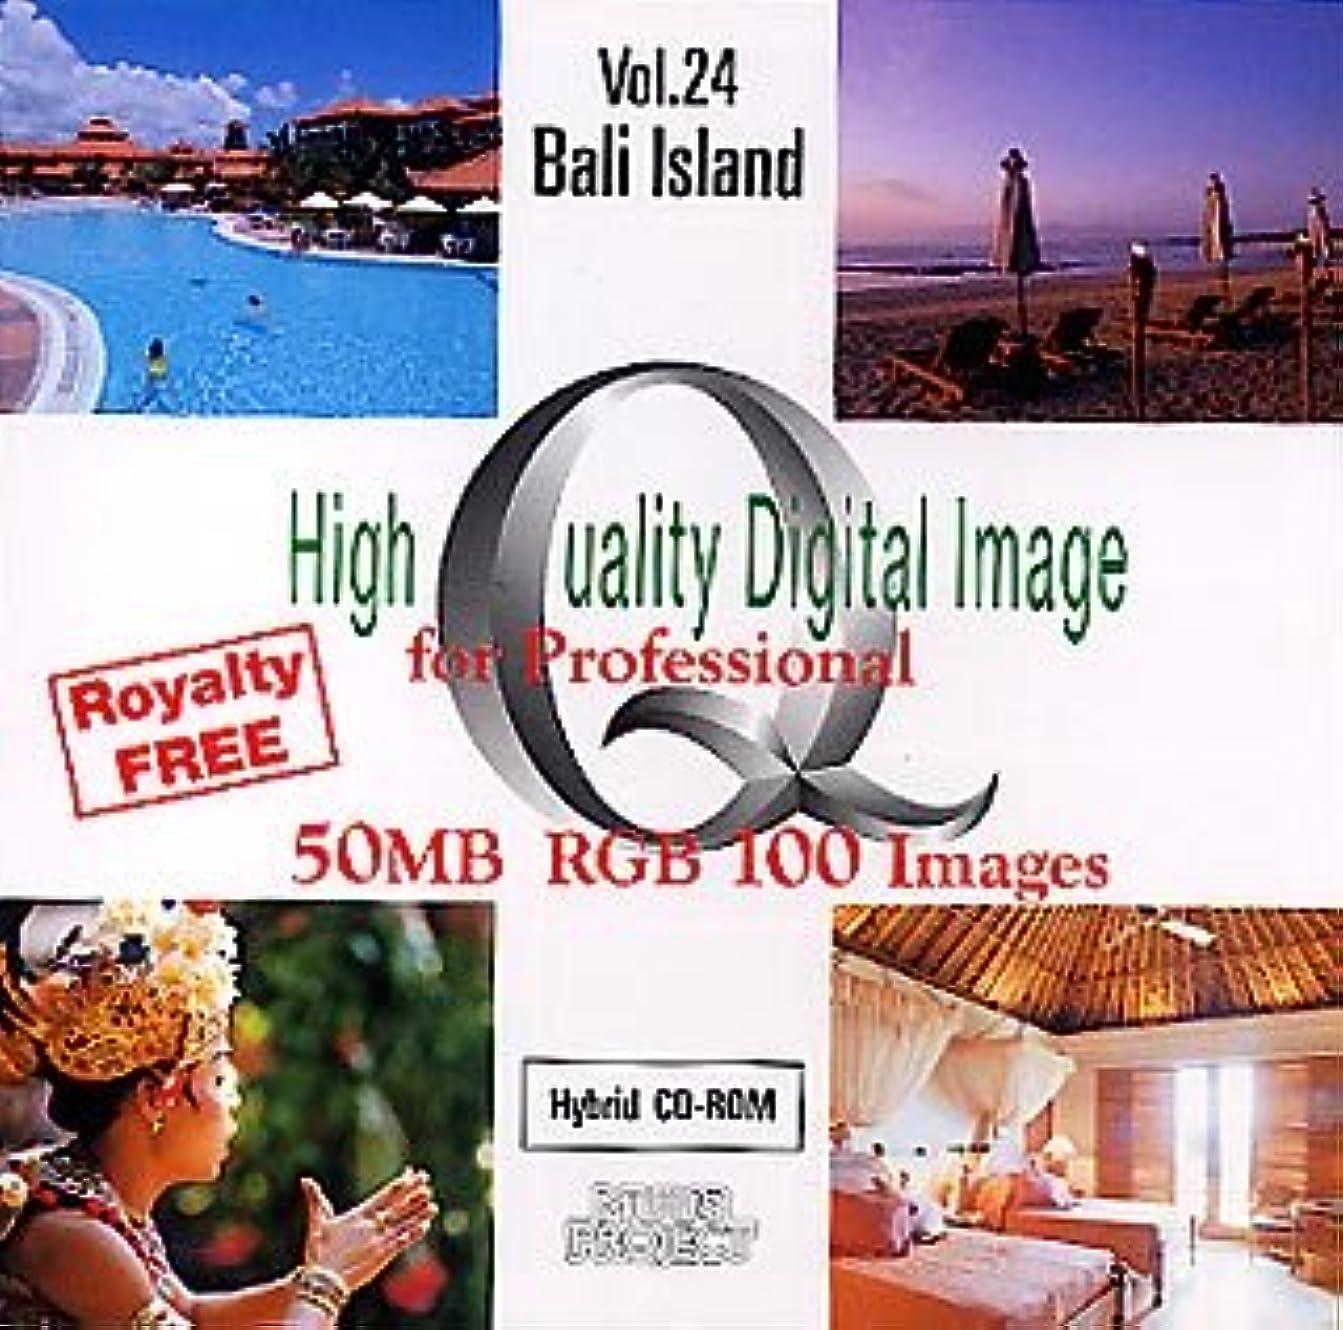 ソフトウェア残り物闇High Quality Digital Image for Professional Vol.24 Bali Island